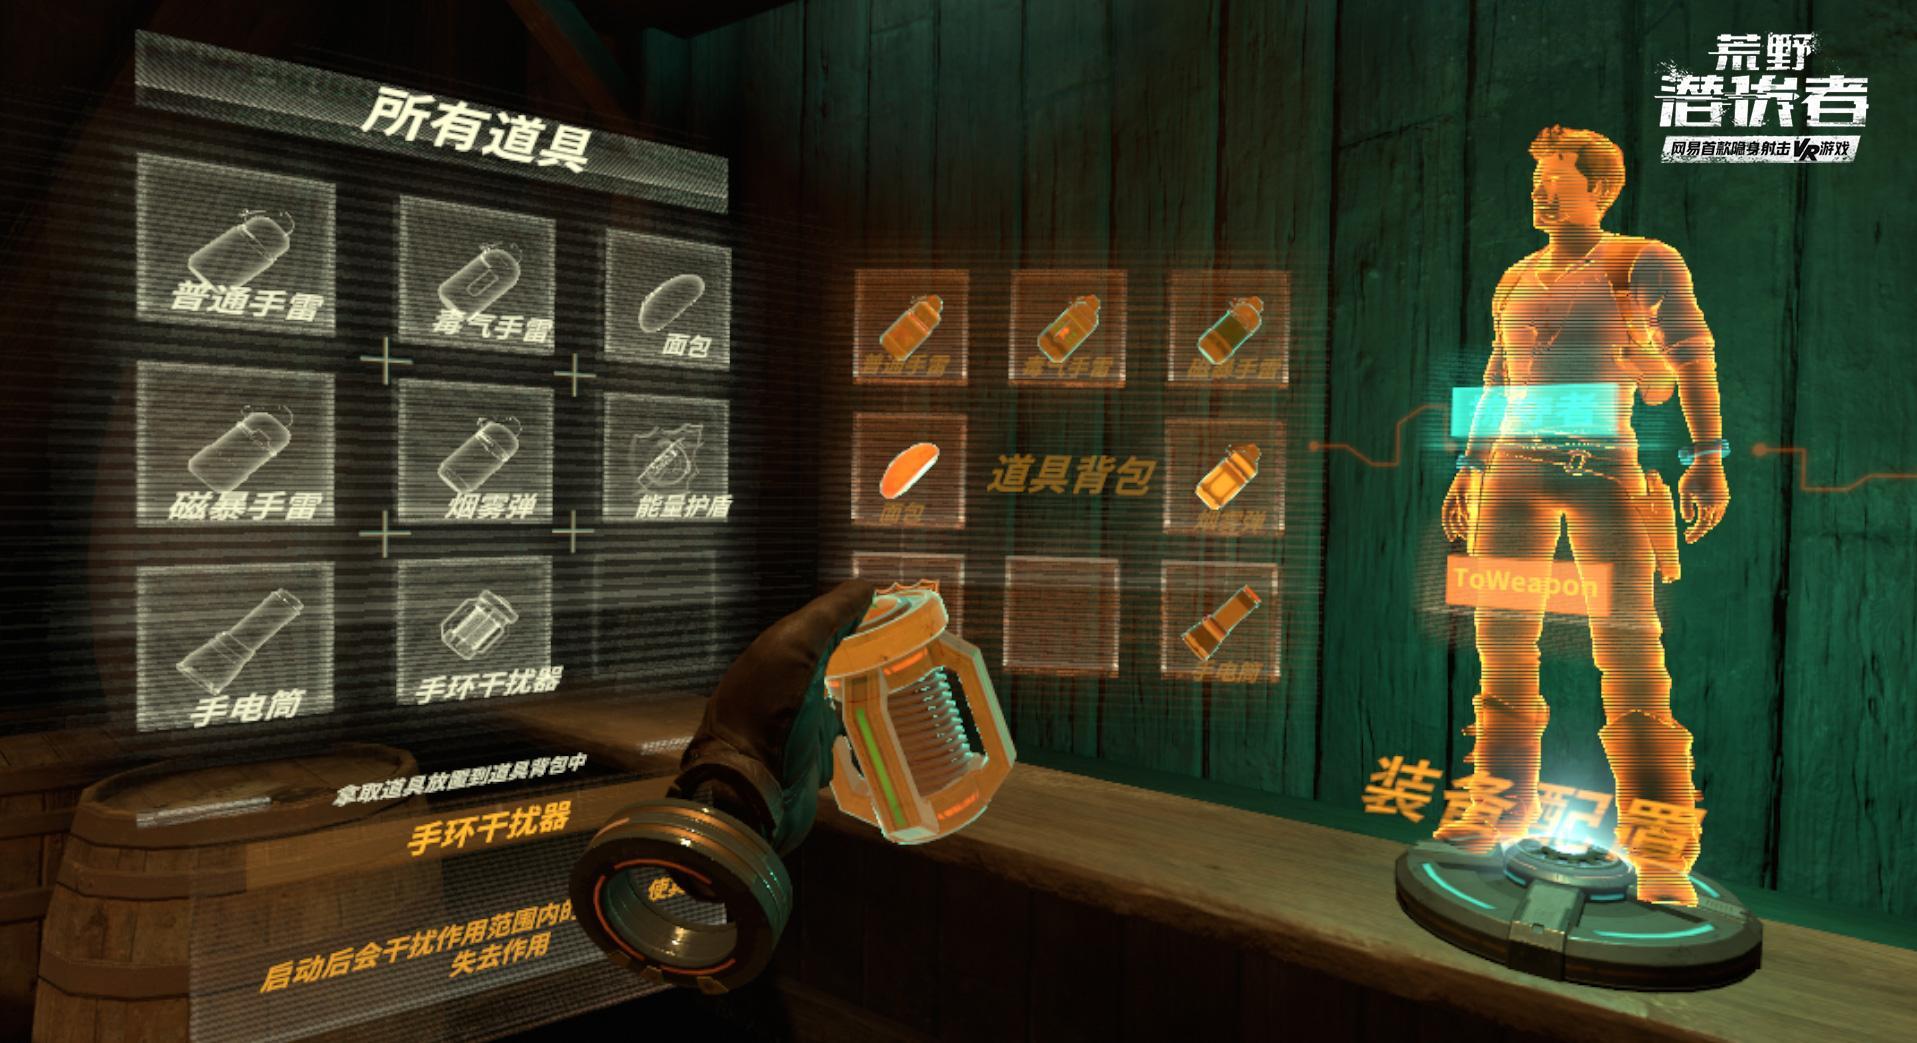 《荒野潜伏者》定档8月上线,网易隐身射击VR游戏公测版本玩法揭秘!